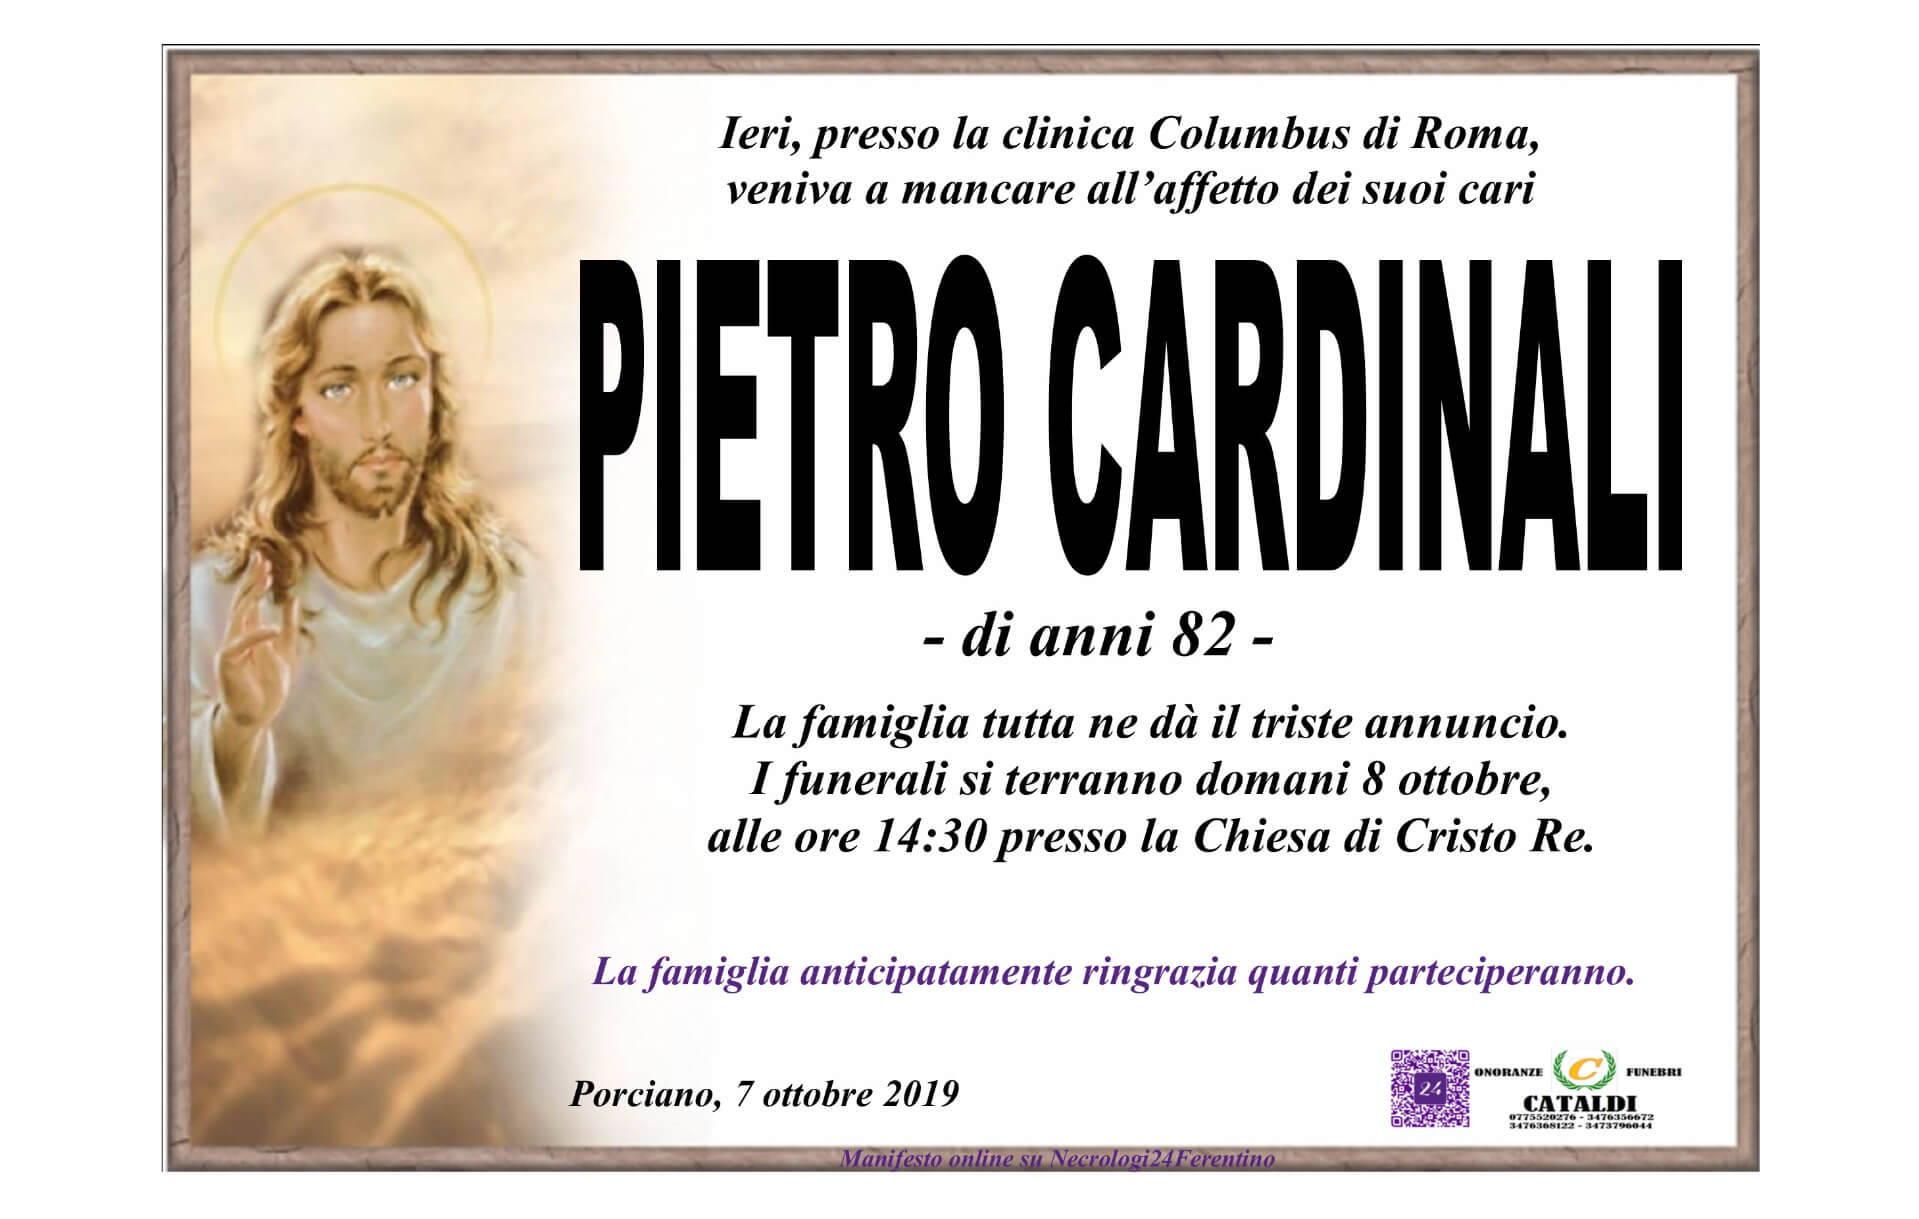 Pietro Cardinali